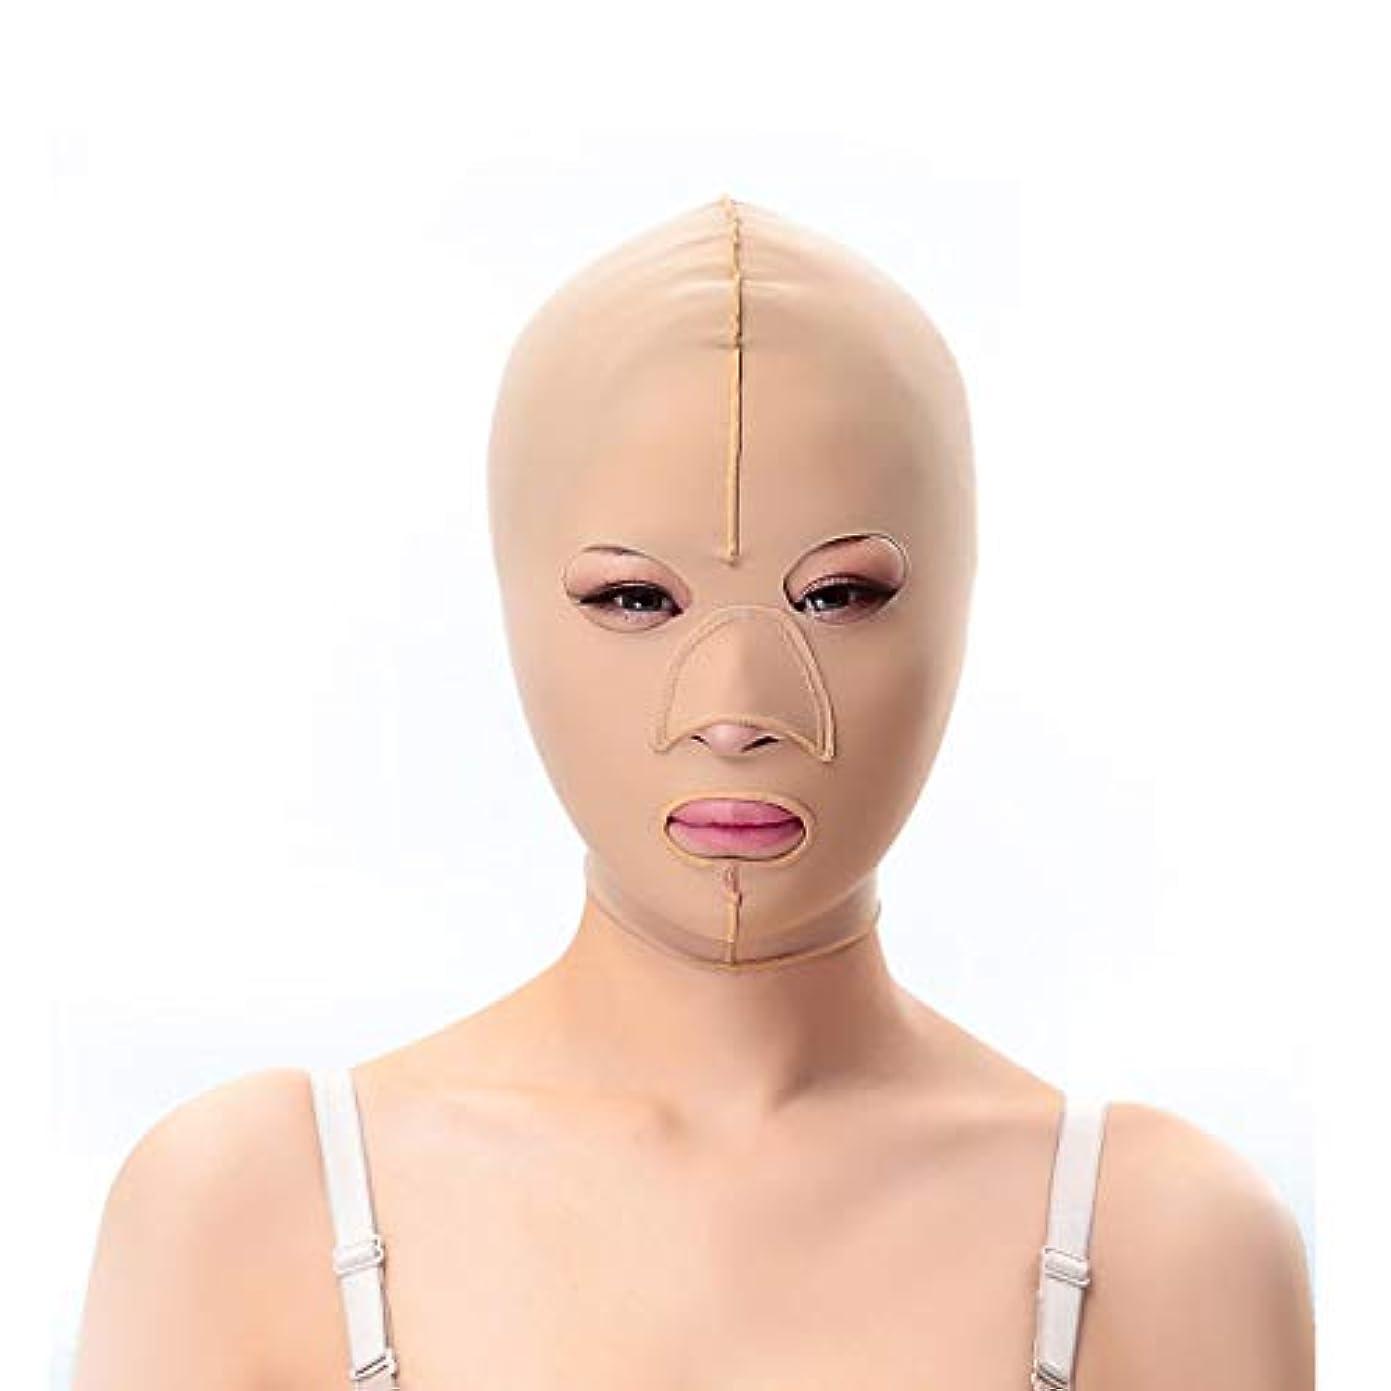 厳できる不要TLMY 減量ベルトマスクフェイスマスク神聖なパターンリフト二重あご引き締め顔面プラスチック顔面アーティファクト強力な顔面包帯 顔用整形マスク (Size : S)